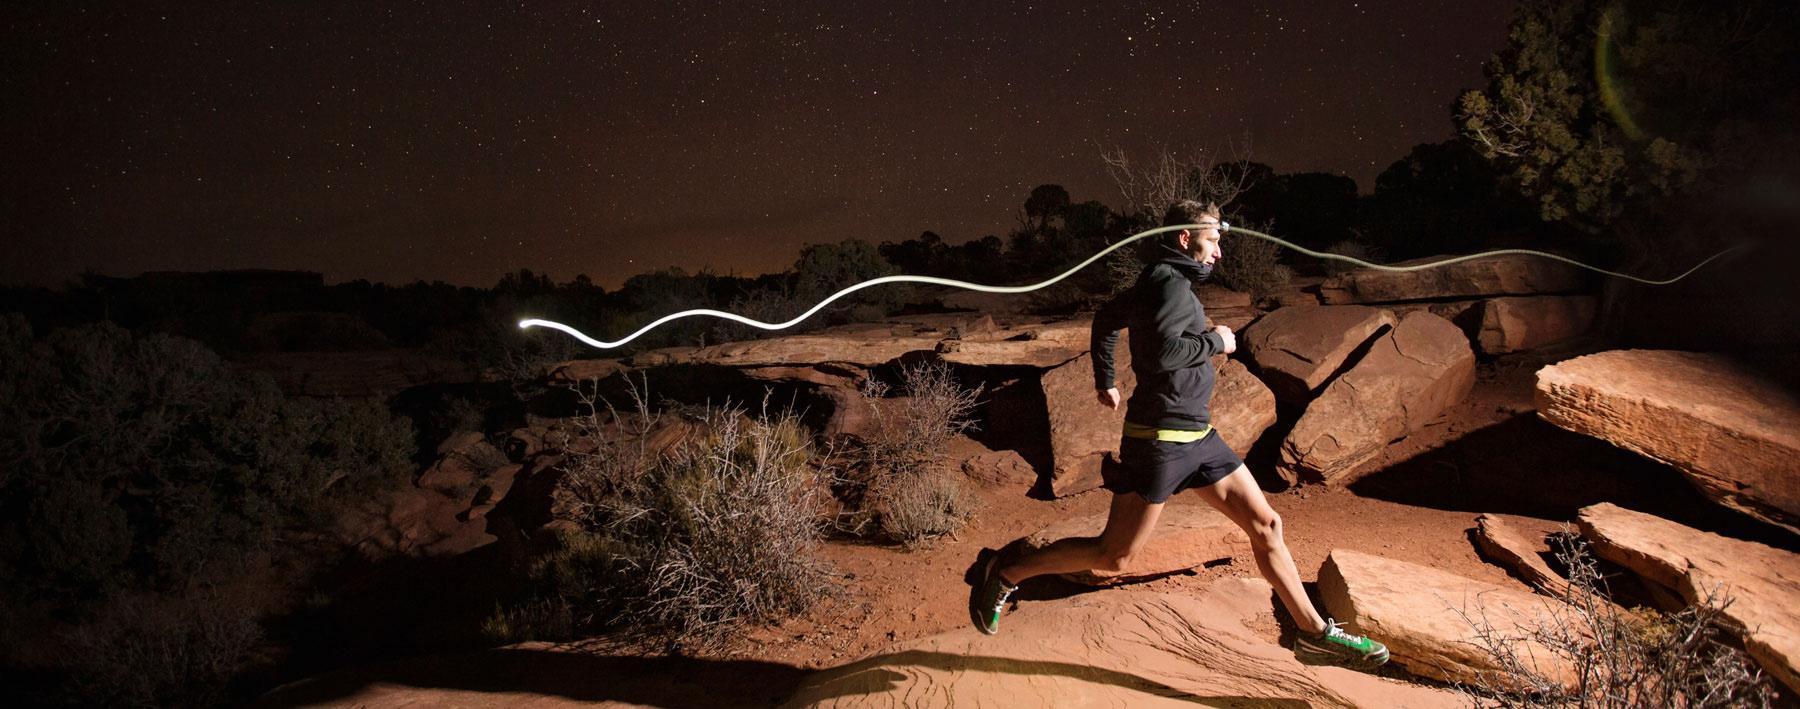 3 echipamente cheie pentru alergarea pe timp de noapte